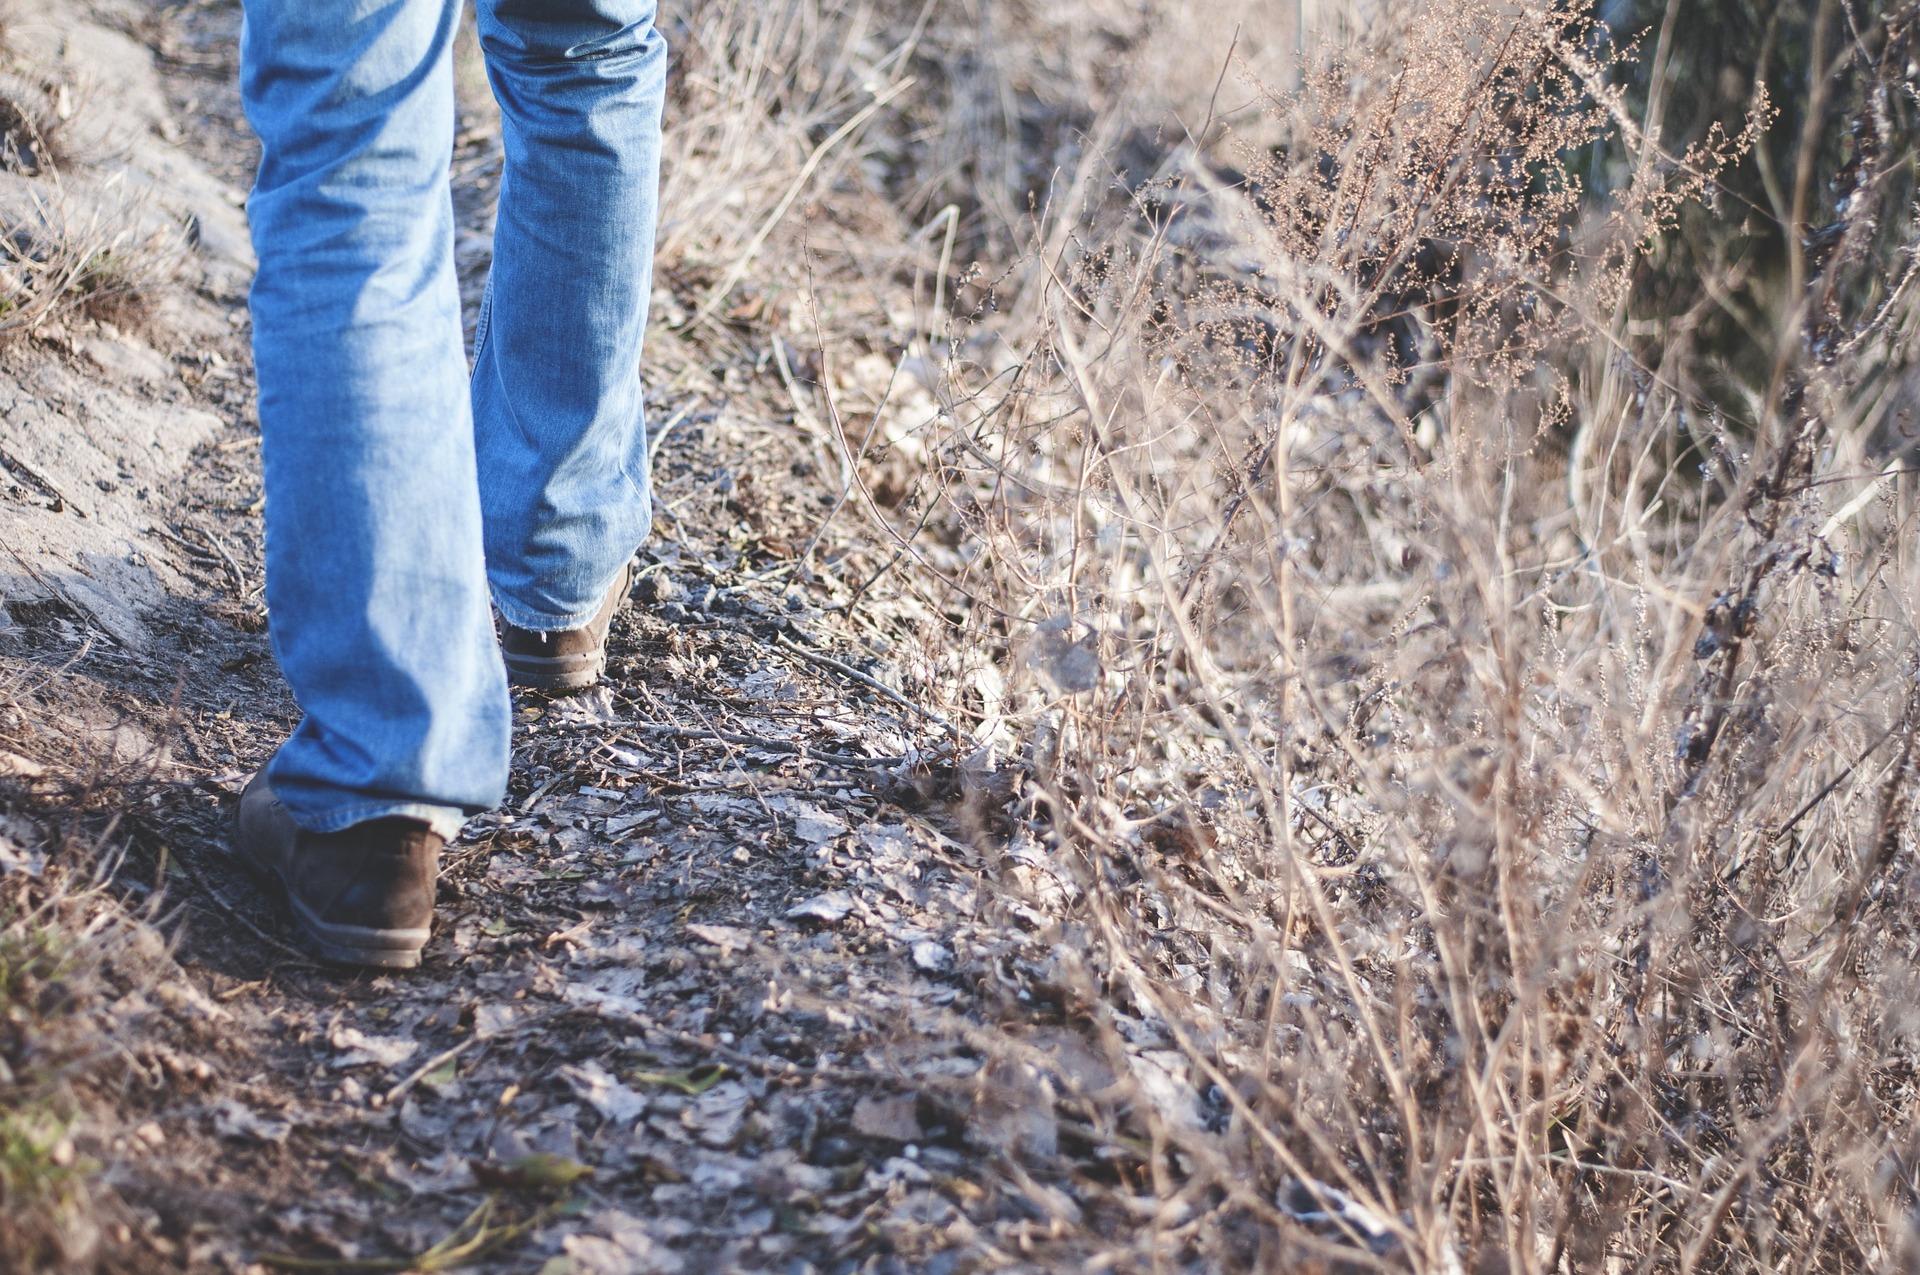 7611-hiking-1149985-1920.jpg